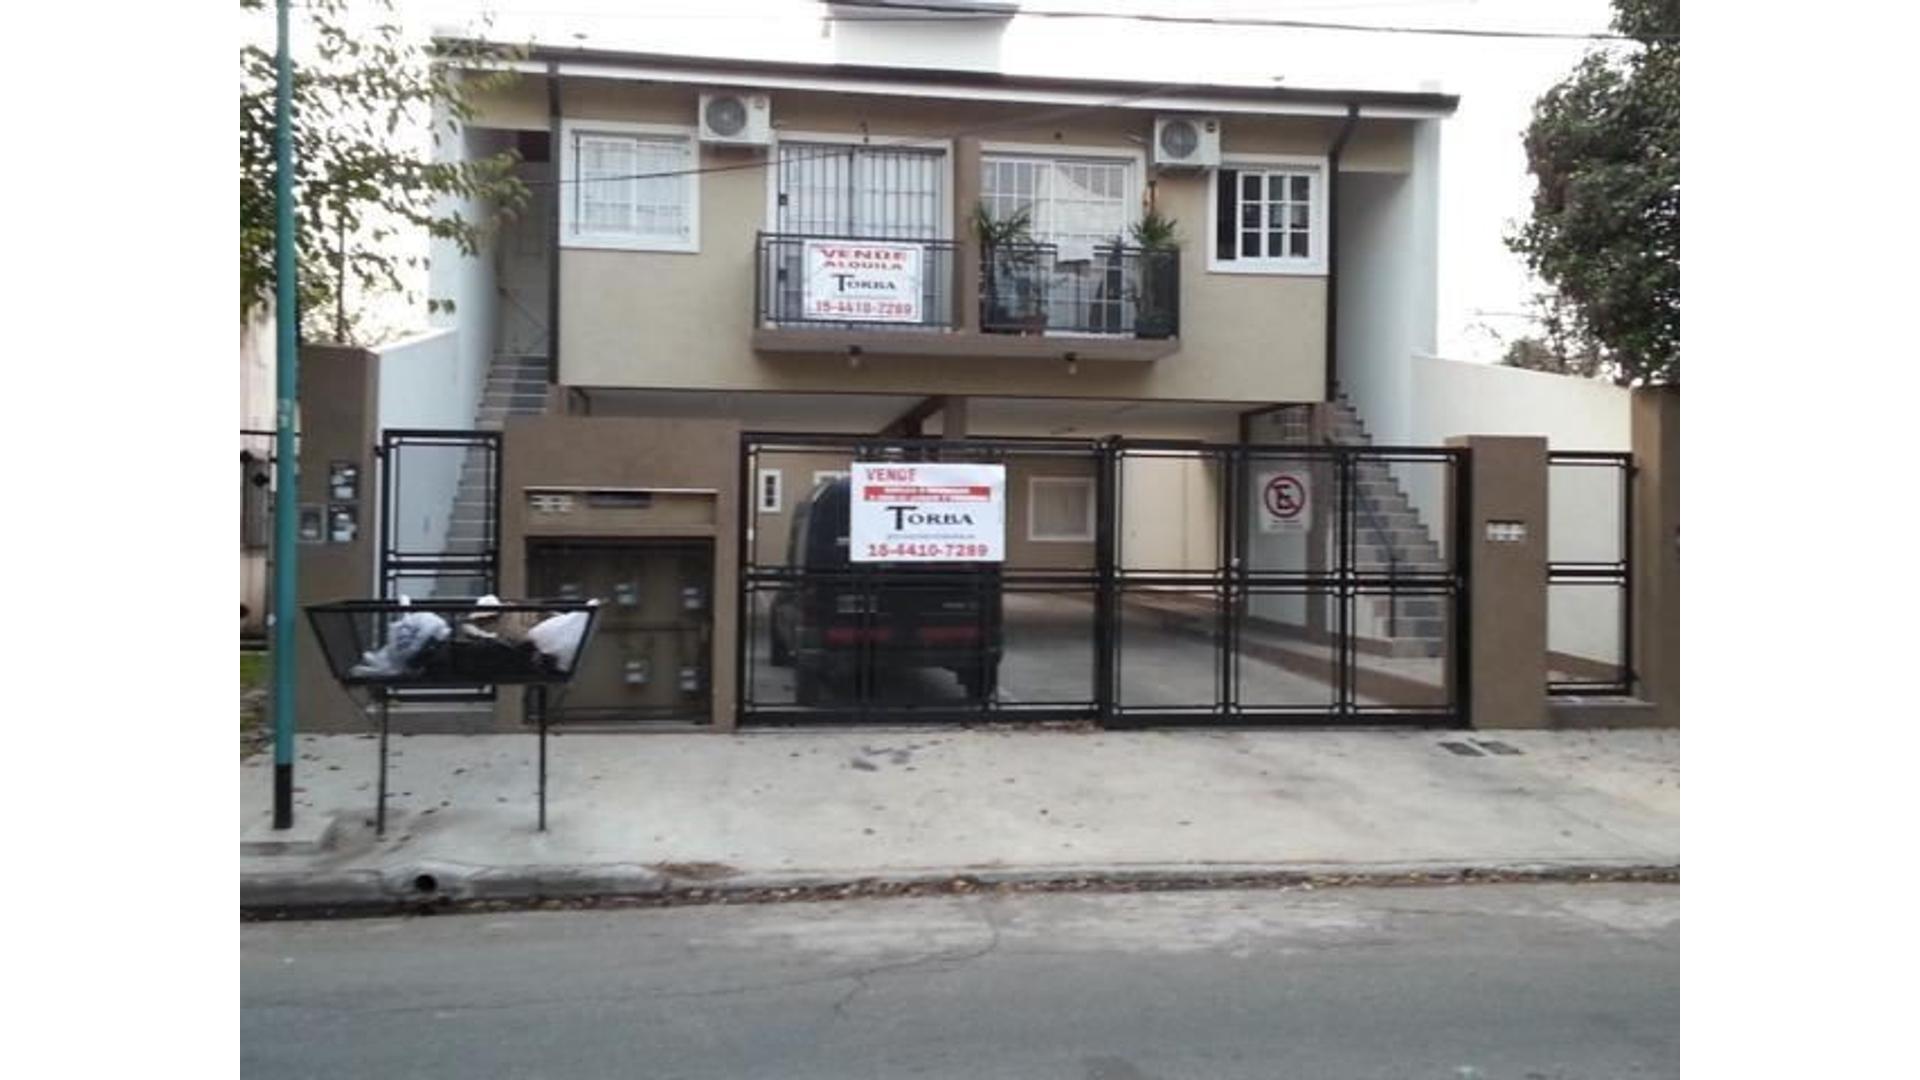 Casa en Venta duplex  2 dormitorios jardin, cochera baño y toillette liquido hoy Esc Oftas